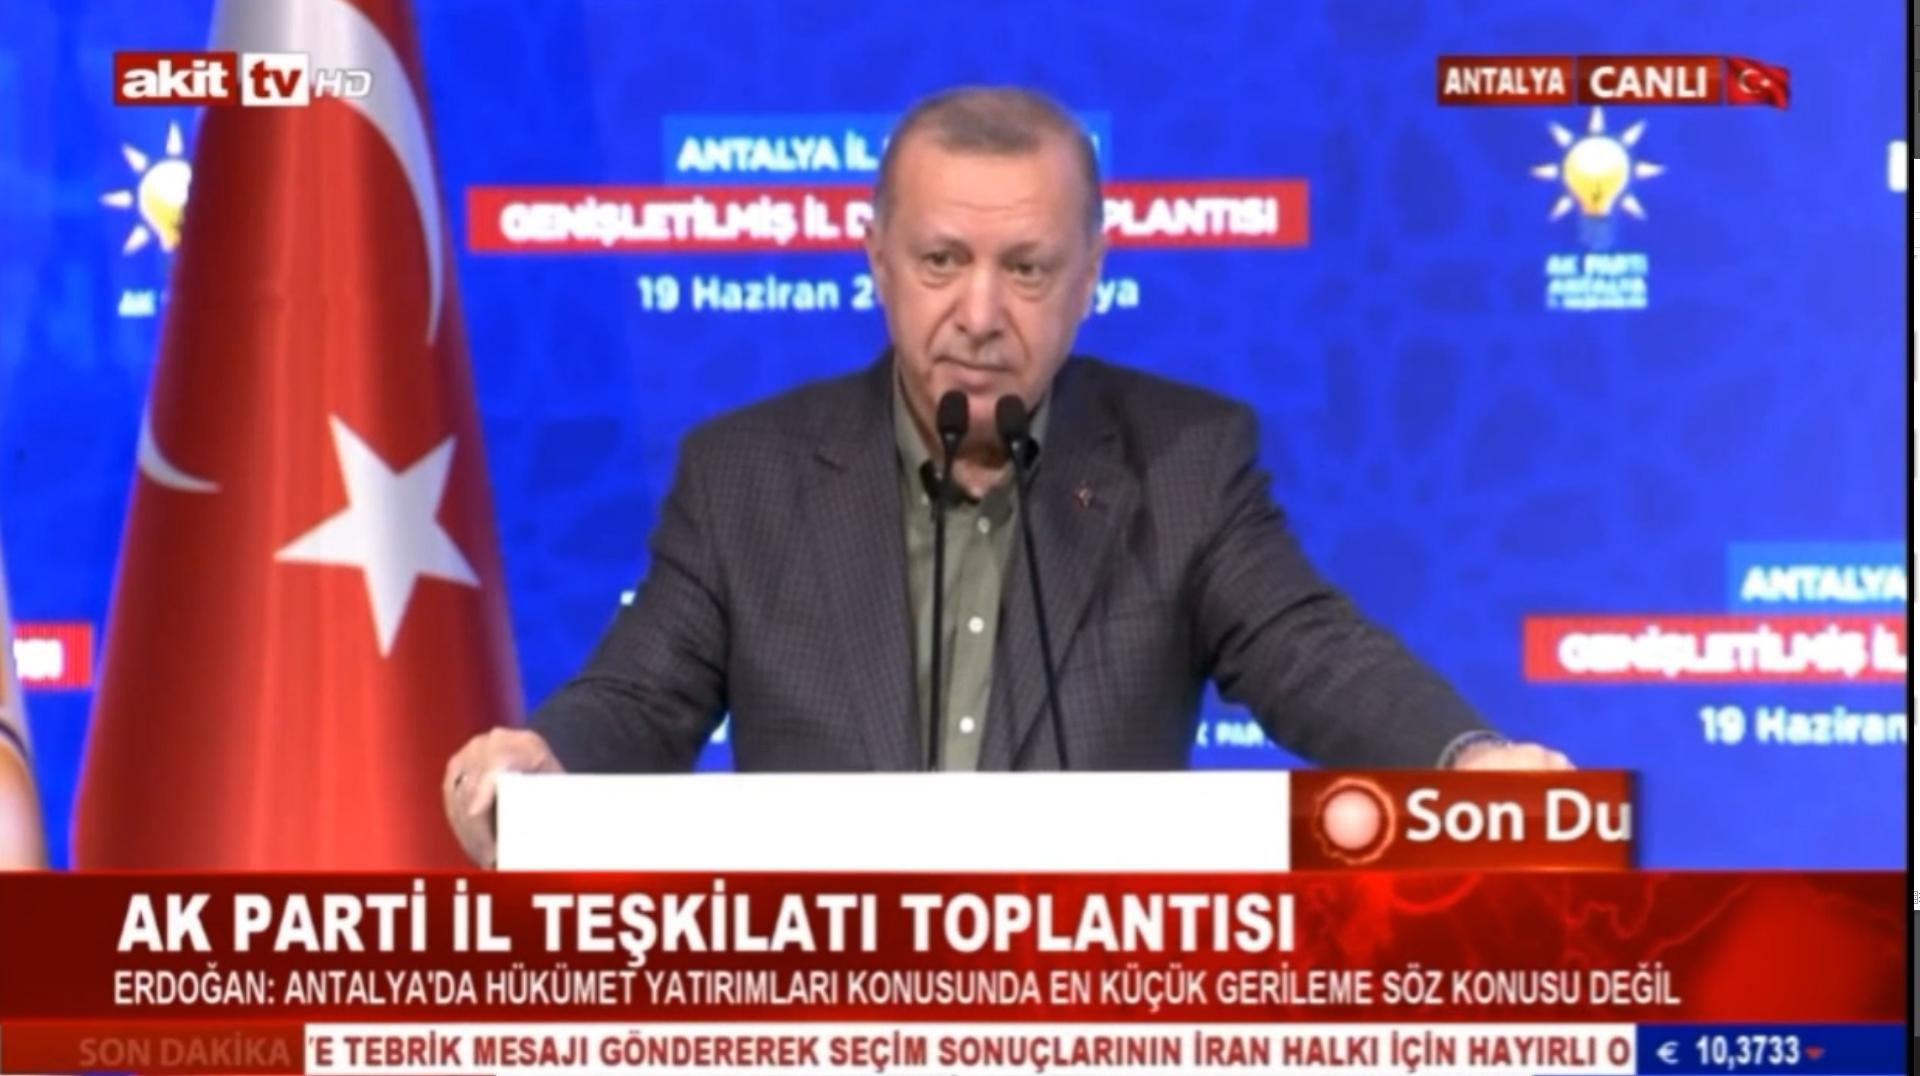 Bir an ağlamaklı oldu! Cumhurbaşkanı Erdoğan kürsüde konuşurken acı haberi aldı